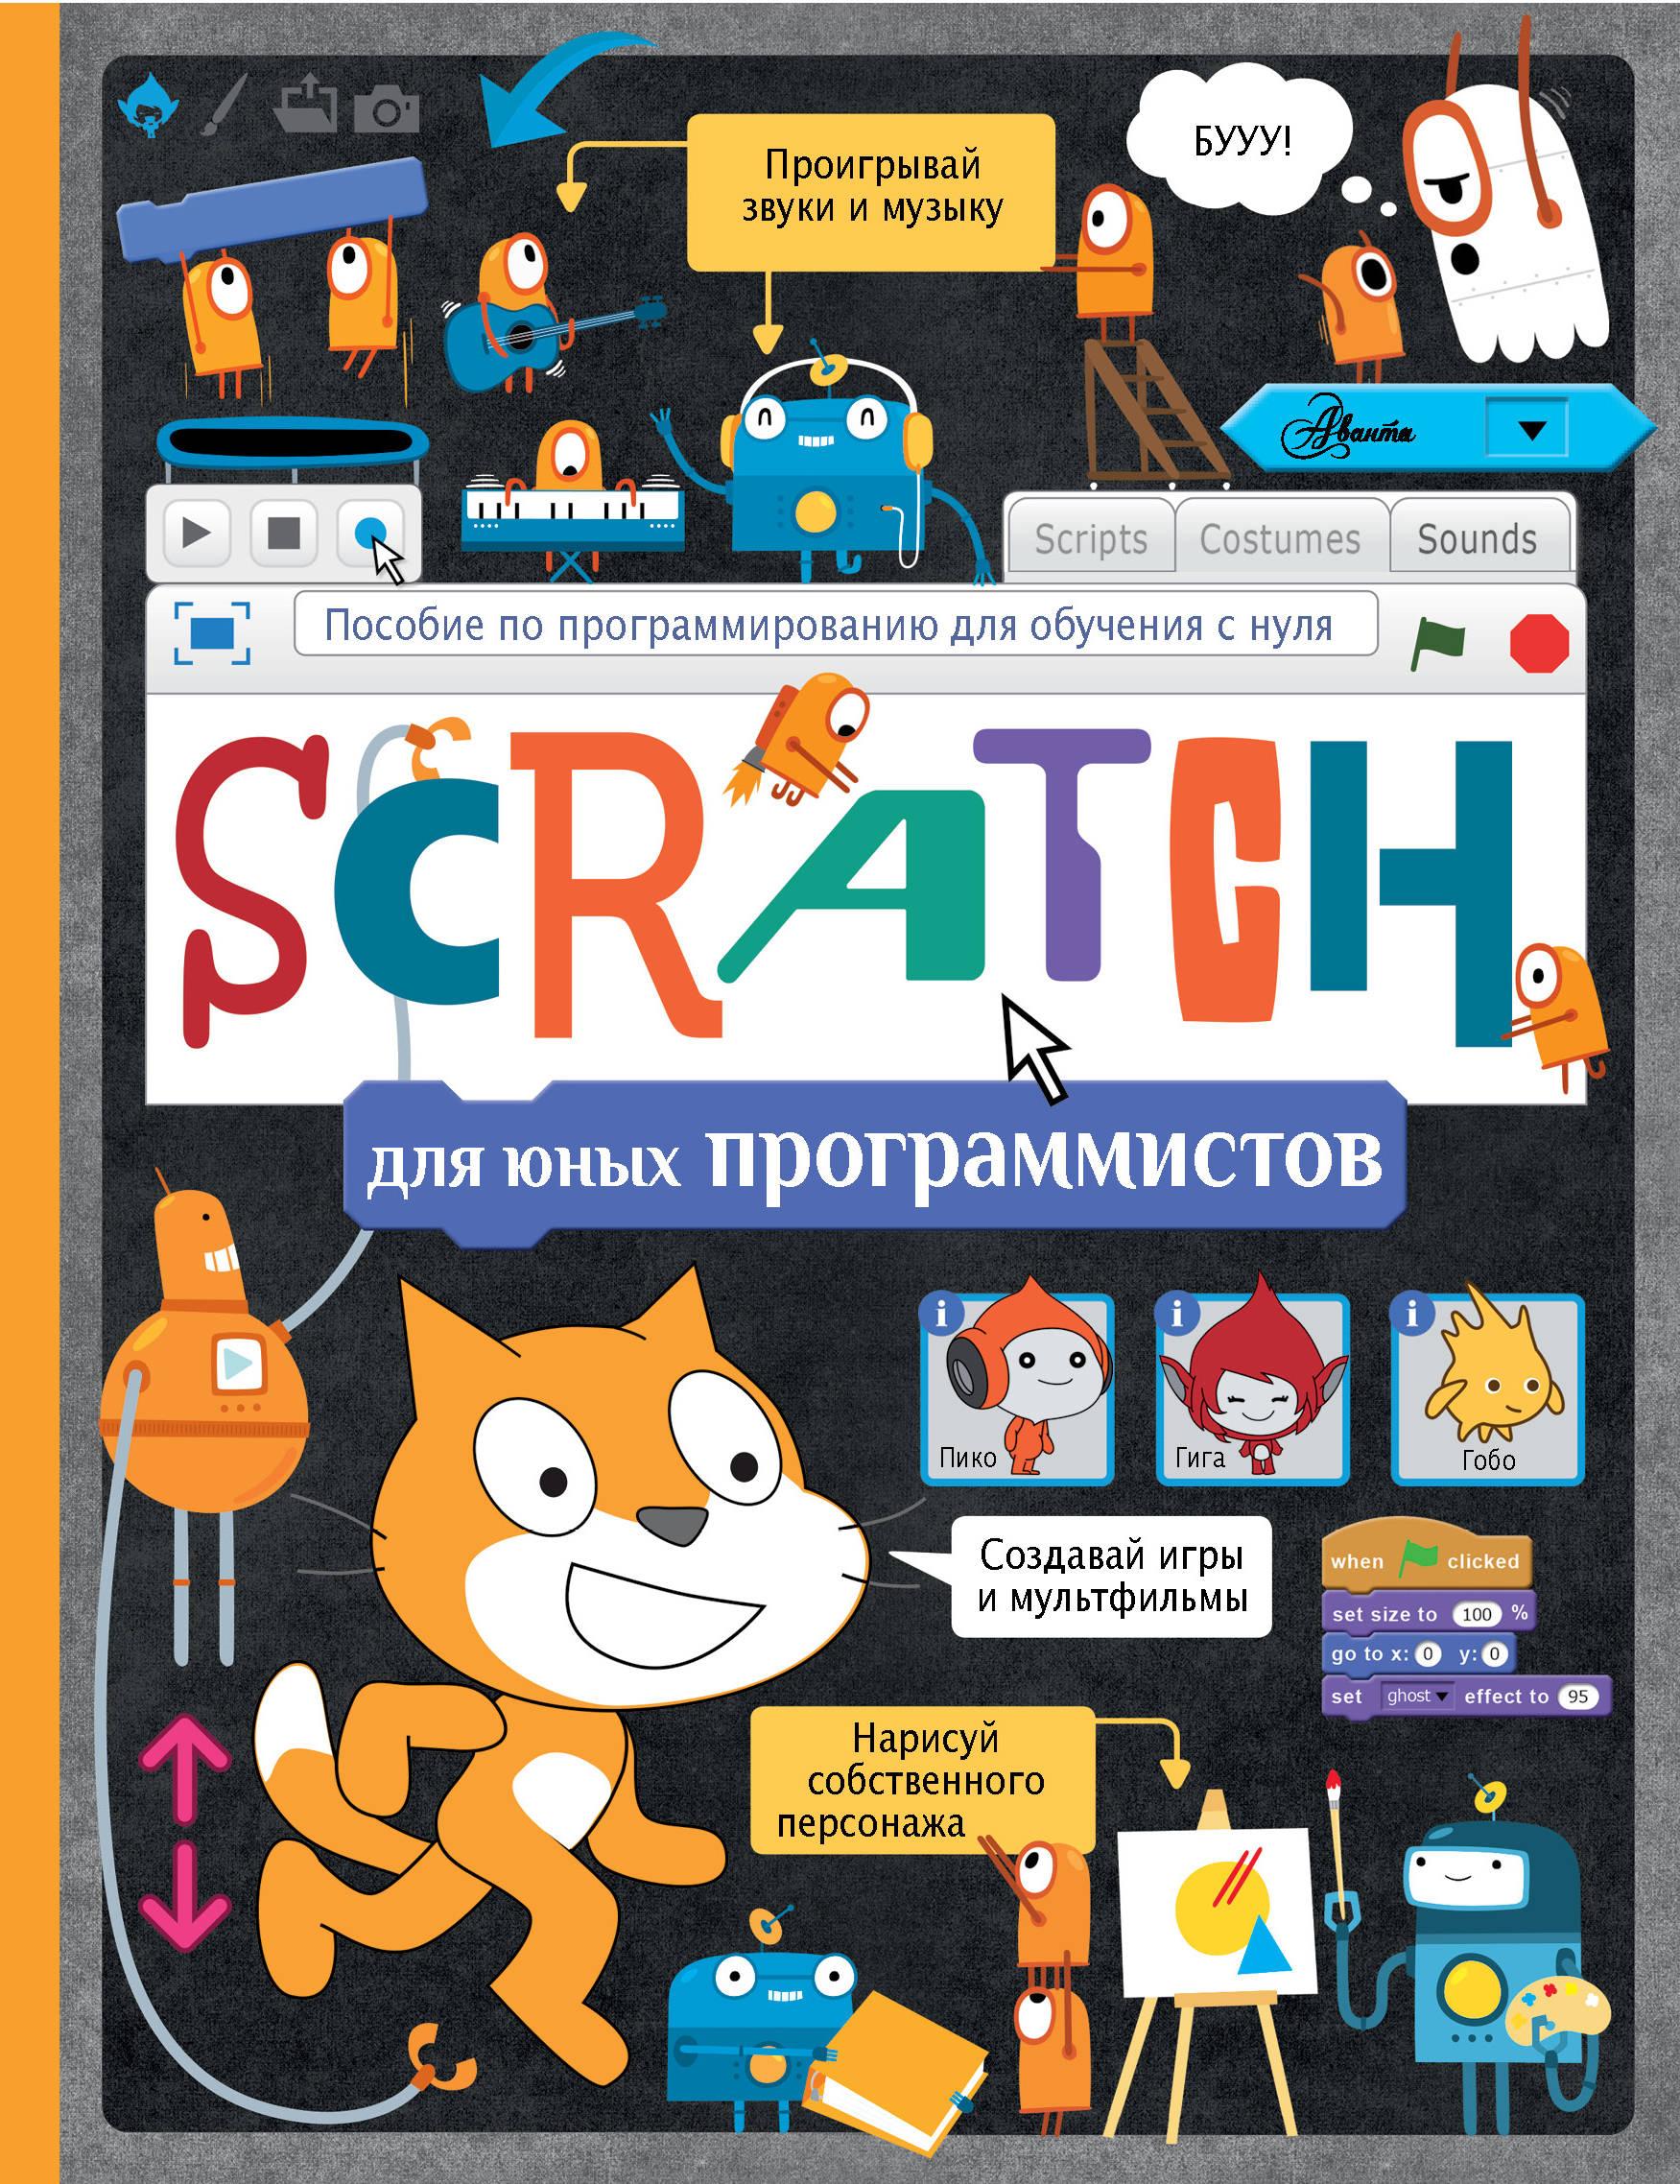 Scratch dlja junykh programmistov